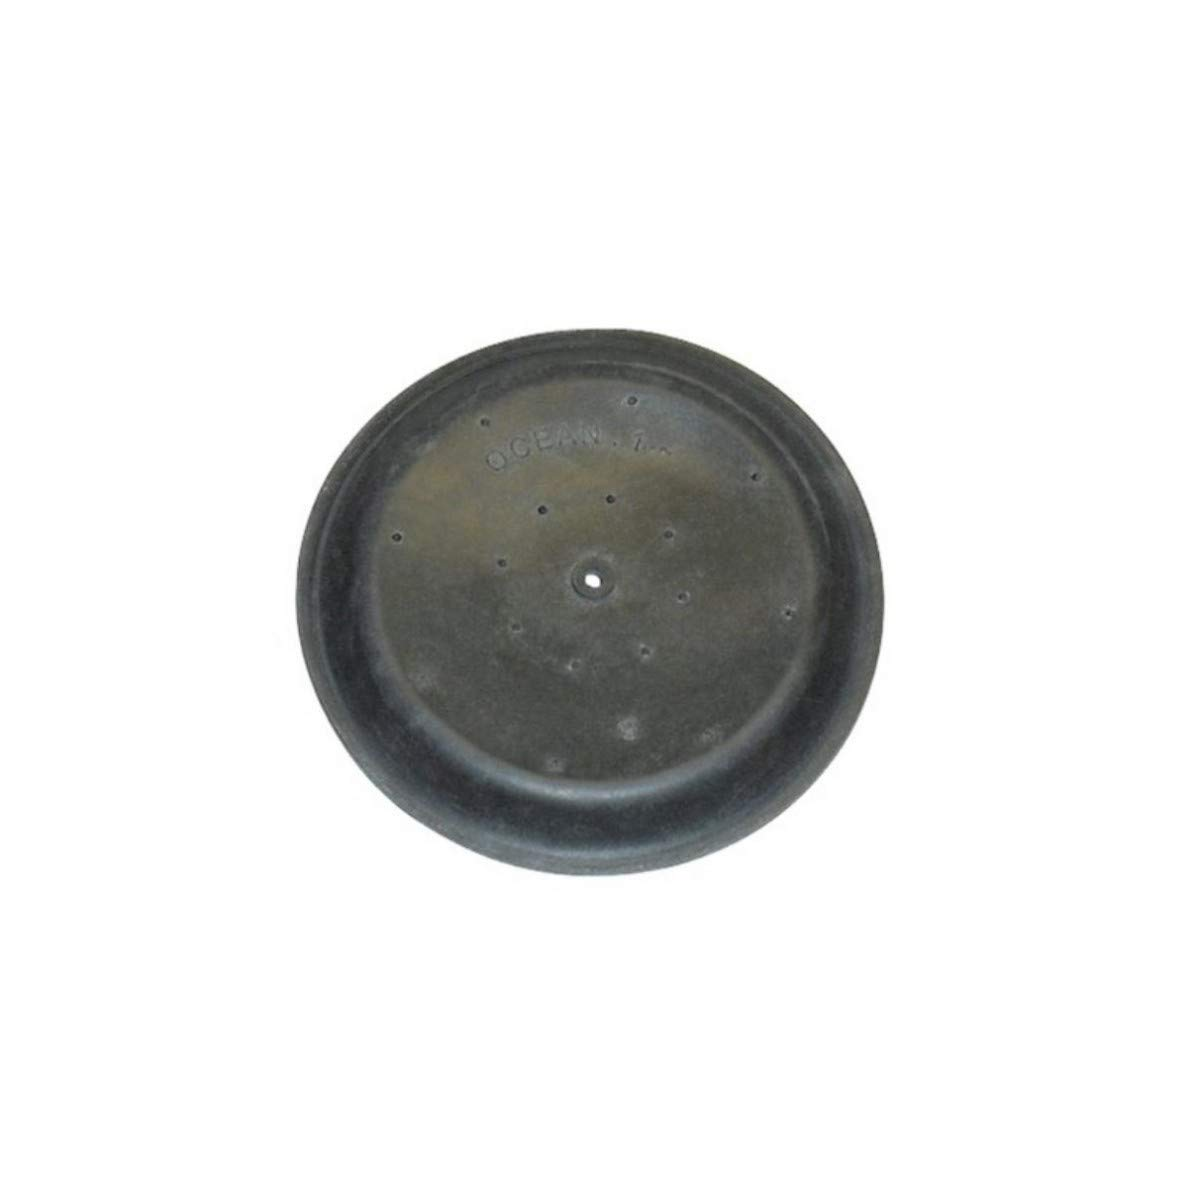 FISCHER 095725 Envase de 10 ud. Varilla para anclaje quimico con rosca interior RG M20x500 GVZ